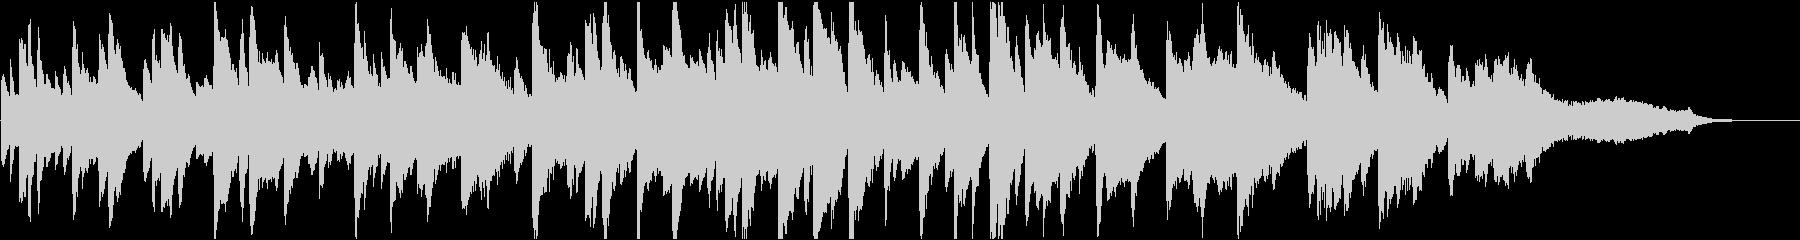 企業VP49 16bit48kHzVerの未再生の波形